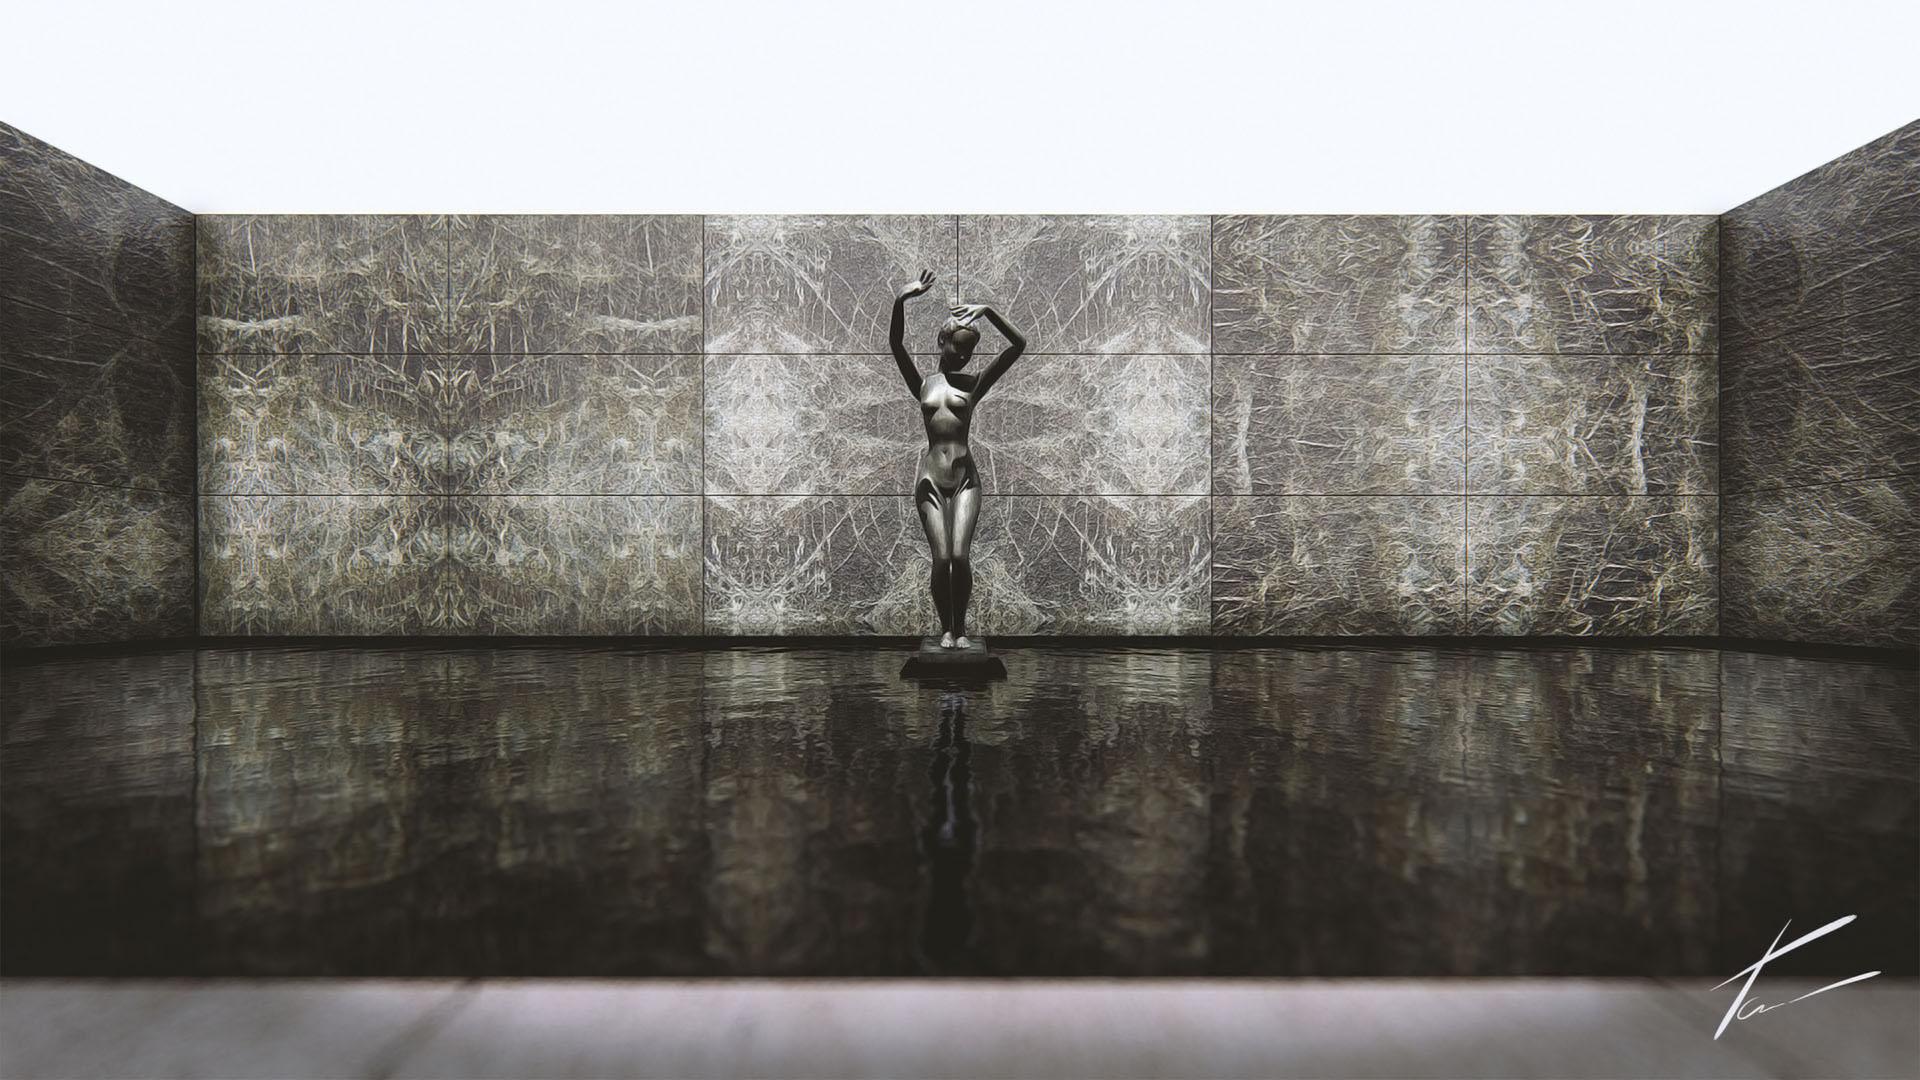 Kristijan Tavcar_Miragedereve_Tribute to Ludwig Mies van der Rohe_003 .jpg